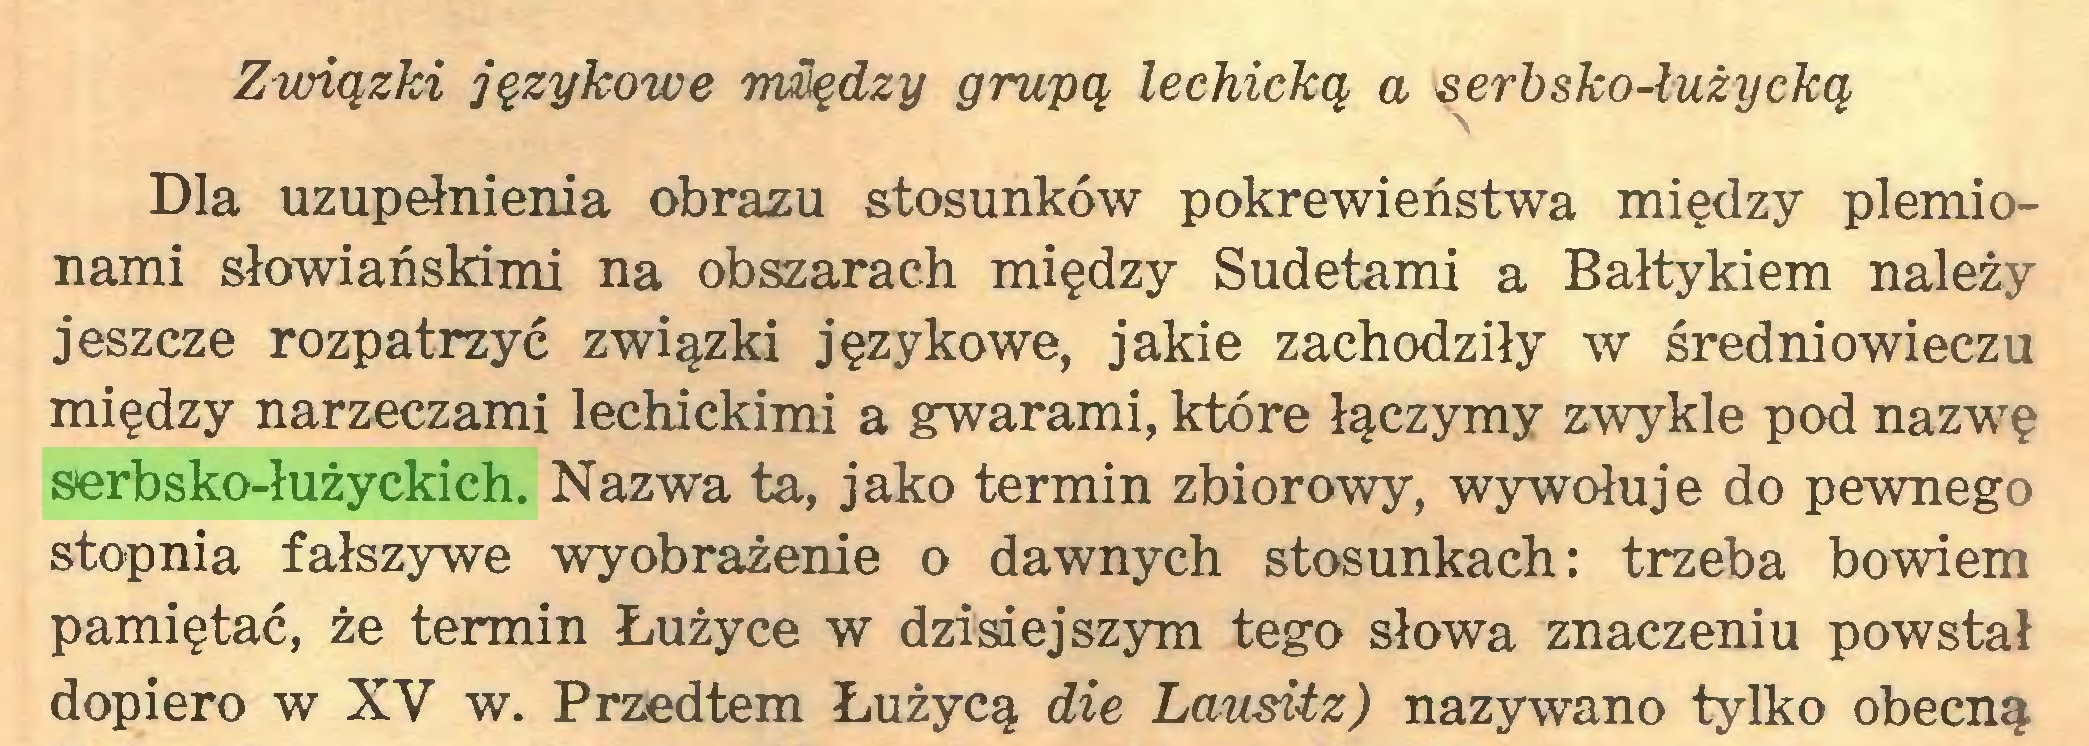 (...) Związki językowe między grupą lechicką a serbsko-łużycką Dla uzupełnienia obrazu stosunków pokrewieństwa między plemionami słowiańskimi na obszarach między Sudetami a Bałtykiem należy jeszcze rozpatrzyć związki językowe, jakie zachodziły w średniowieczu między narzeczami lechickimi a gwarami, które łączymy zwykle pod nazwę serbsko-łużyckich. Nazwa ta, jako termin zbiorowy, wywołuje do pewnego stopnia fałszywe wyobrażenie o dawnych stosunkach: trzeba bowiem pamiętać, że termin Łużyce w dzisiejszym tego słowa znaczeniu powstał dopiero w XV w. Przedtem Łużycą die Lausitz) nazywano tylko obecną...